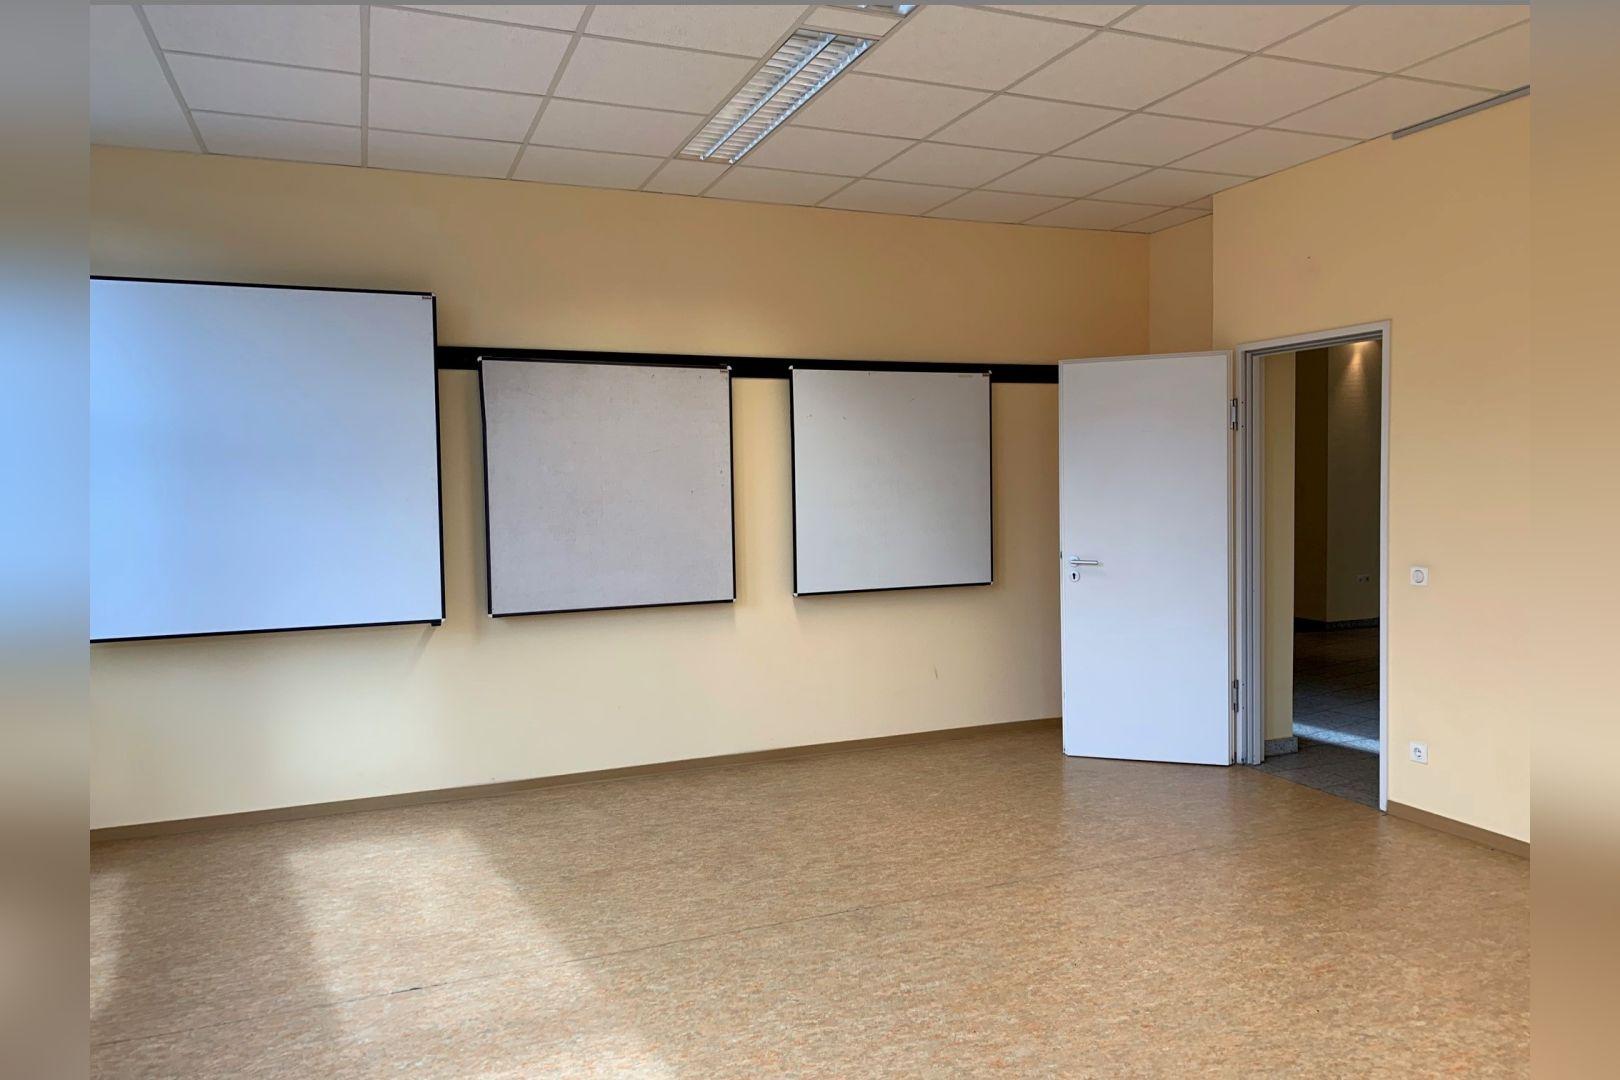 Immobilie Nr.112 - Büro- oder Praxisfläche für Dienstleistung, Medizin, Verwaltung  - Bild 16.jpg